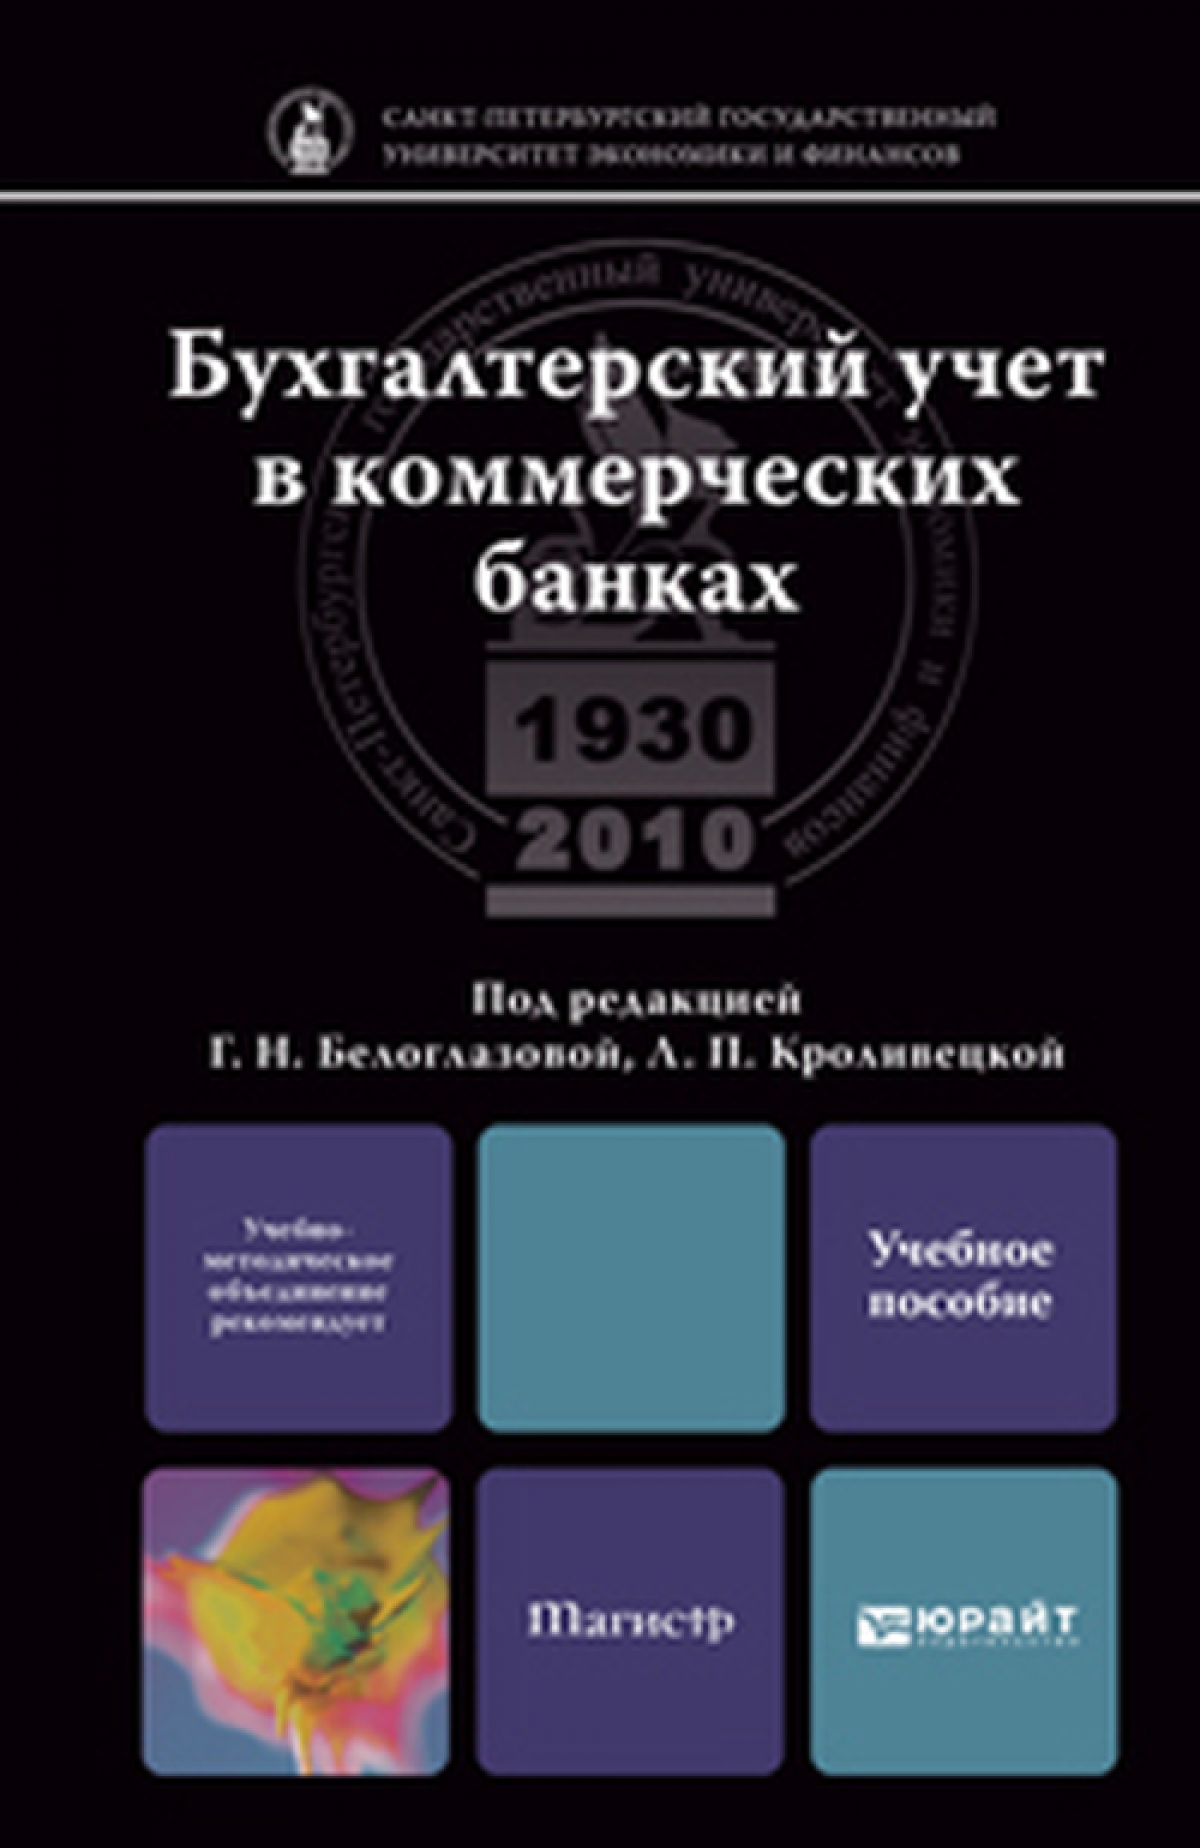 Обложка книги:  г. н. белоглазова, л. п. кроливецкая - бухгалтерский учет в коммерческих банках